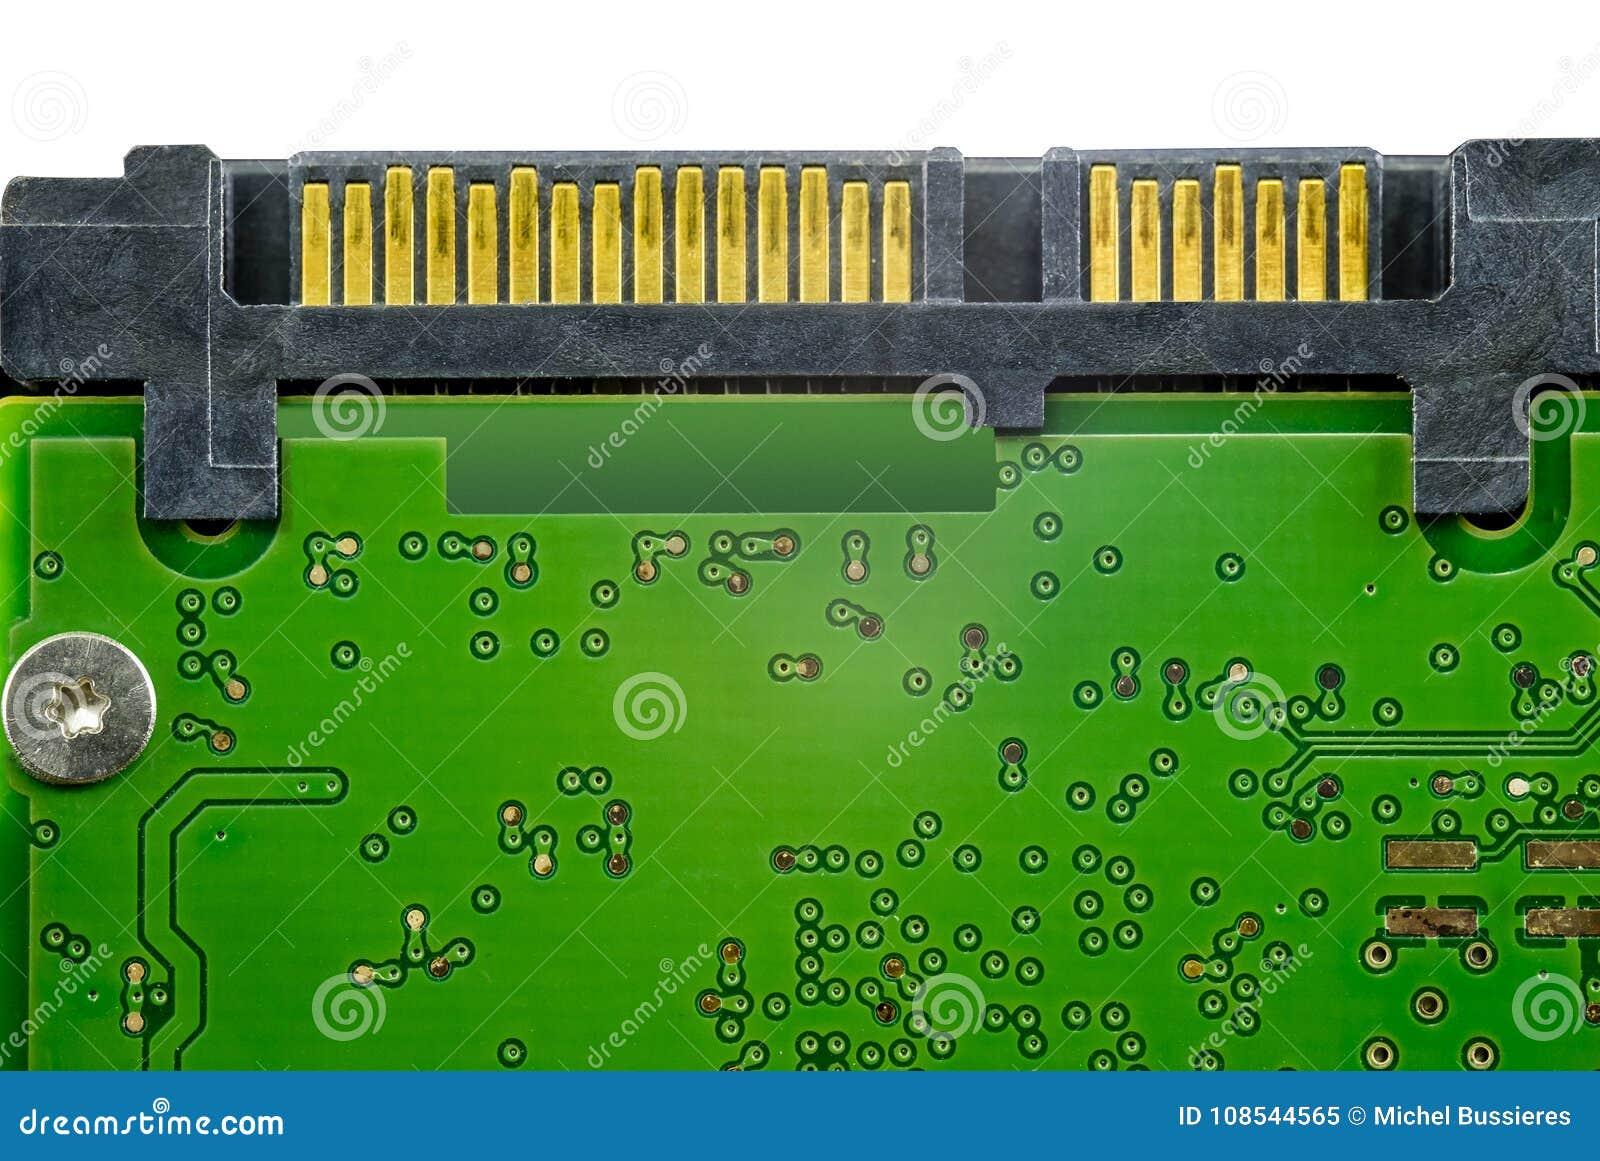 Detalhes da placa de circuito com conectores